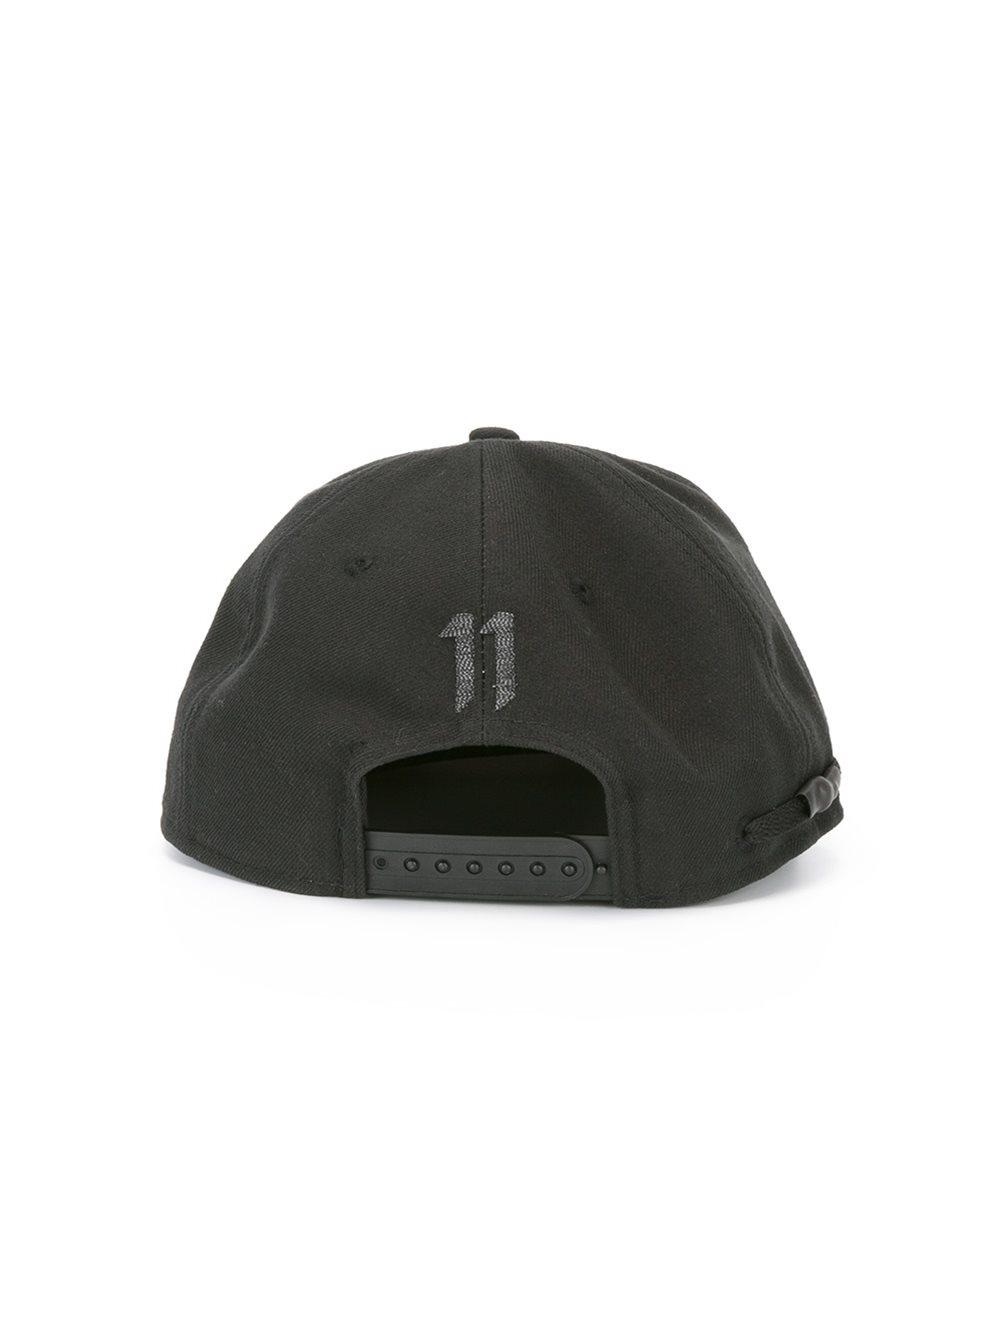 ny牌子的帽子叫什么 棒球帽哪个牌子的好-元珍服装